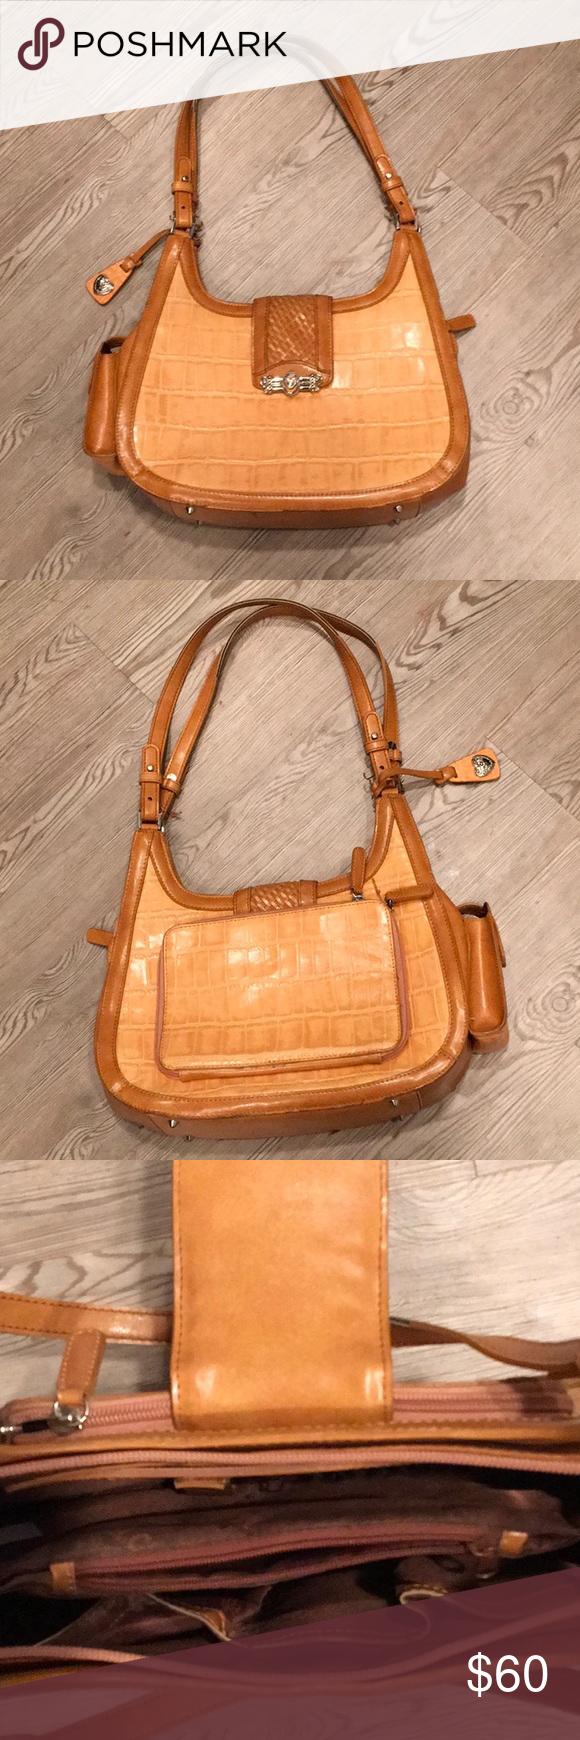 a38eda2536 Marc Chantal Brown leather shoulder bag NWOT Marc Chantal Brown leather  shoulder bag M.C. Bags Shoulder Bags